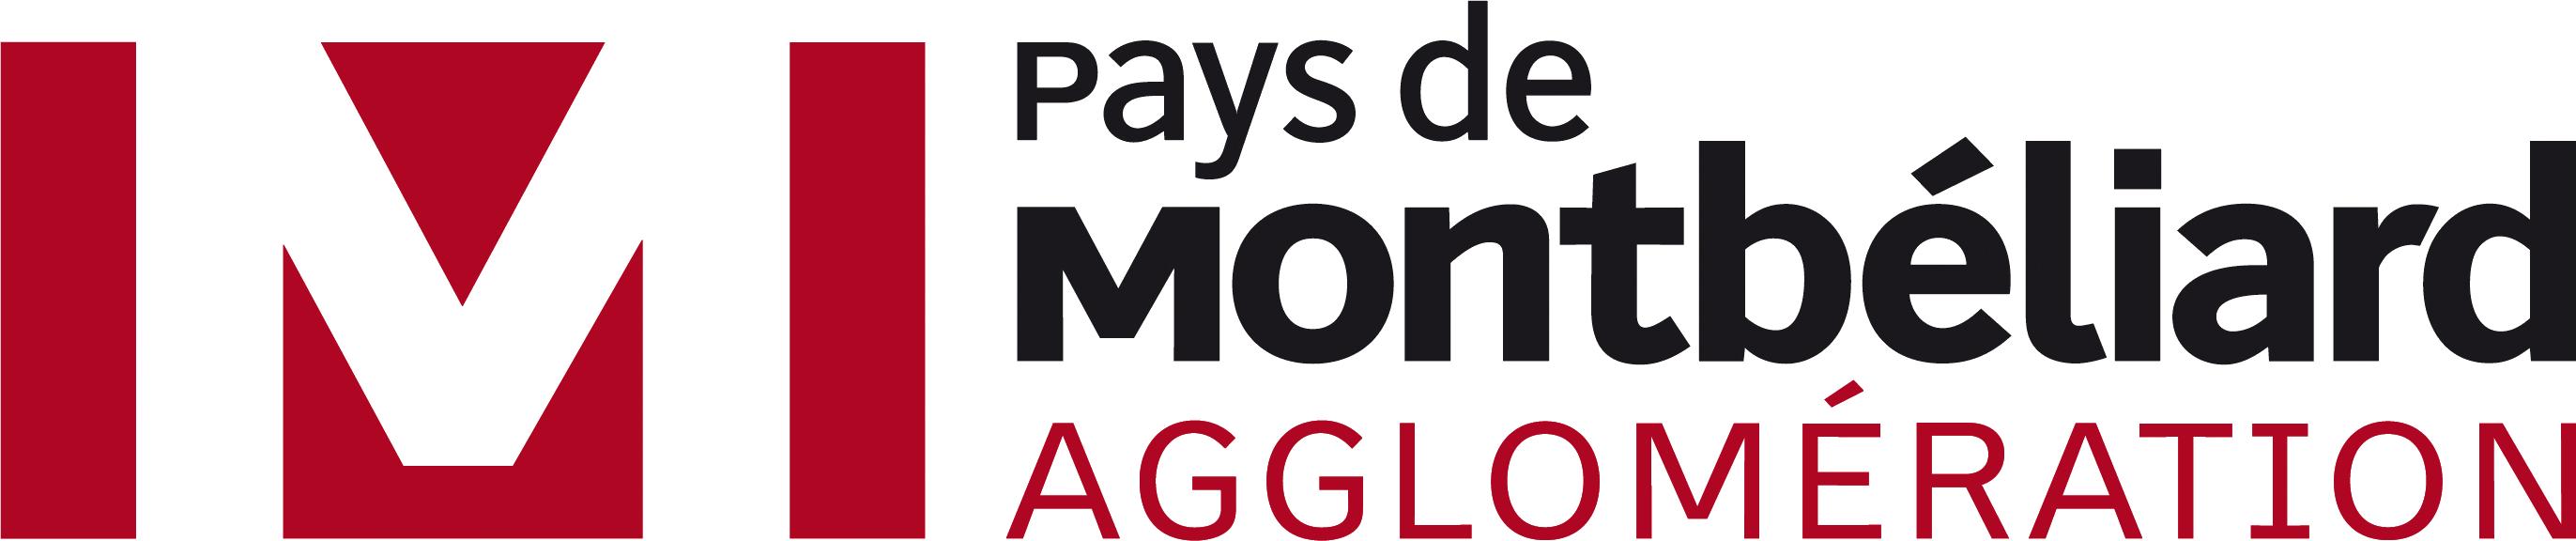 Fichier:Pays de Montbéliard.png — Wikipédia